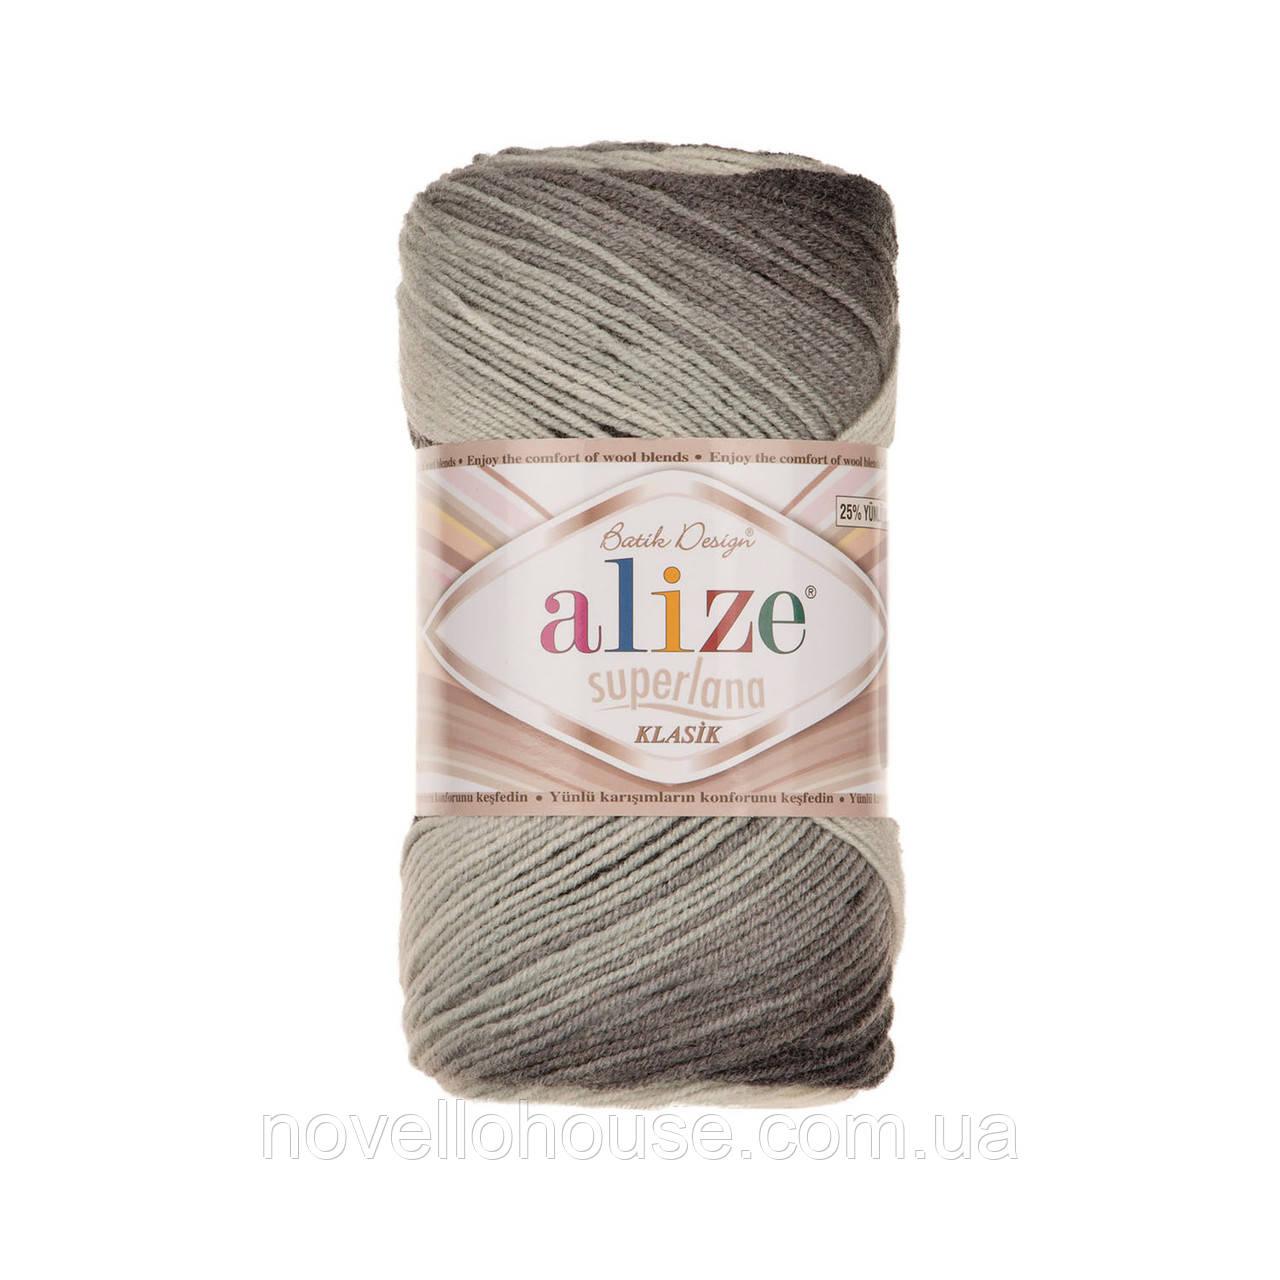 Alize Superlana Klasik Batik №1900: купить пряжу оптом и в